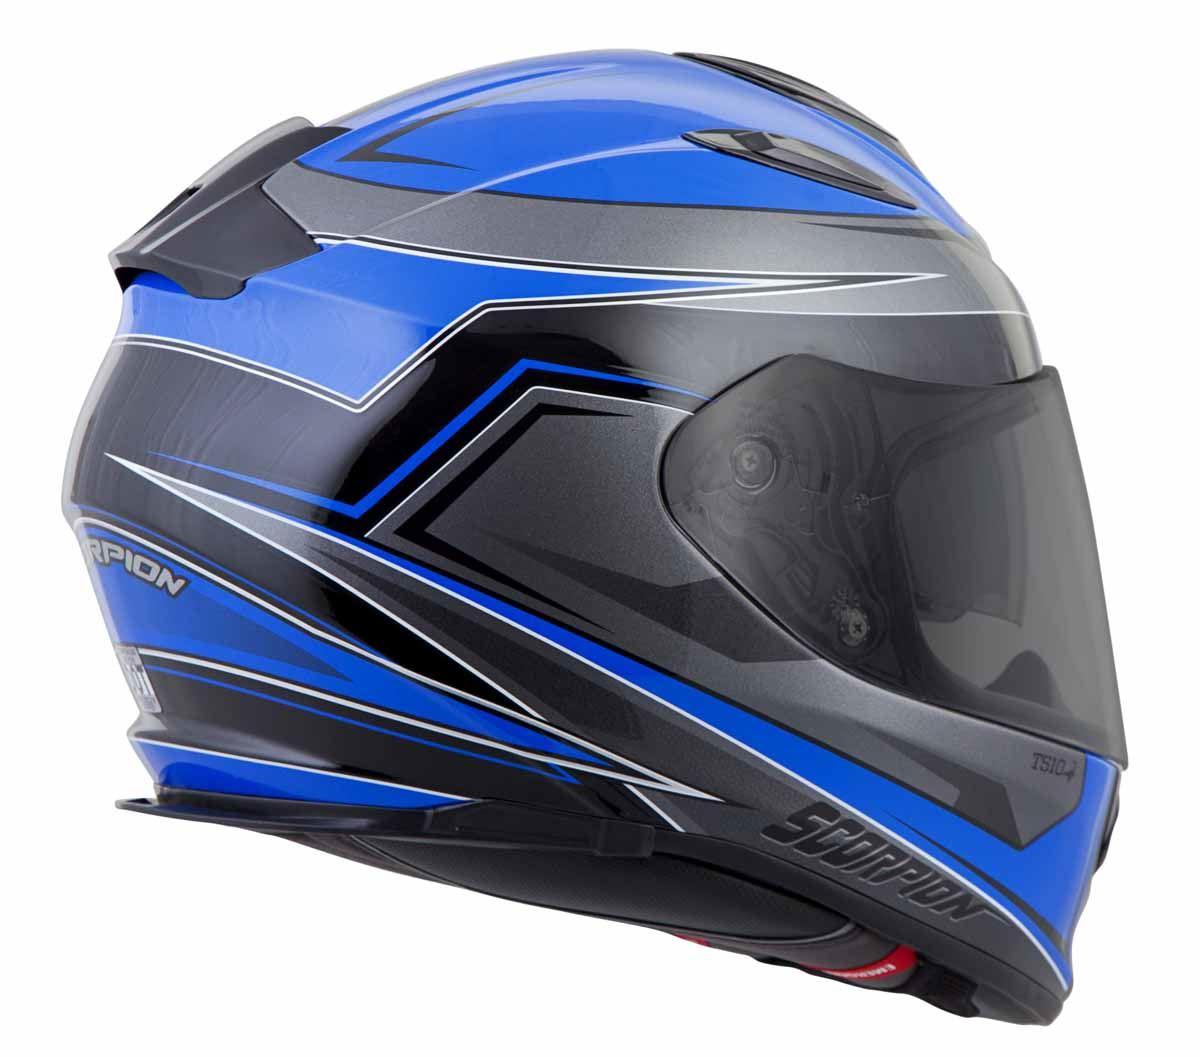 Scorpion-EXO-T510-Helmet-Full-Face-DOT-Approved-Inner-Sun-Shield miniature 29